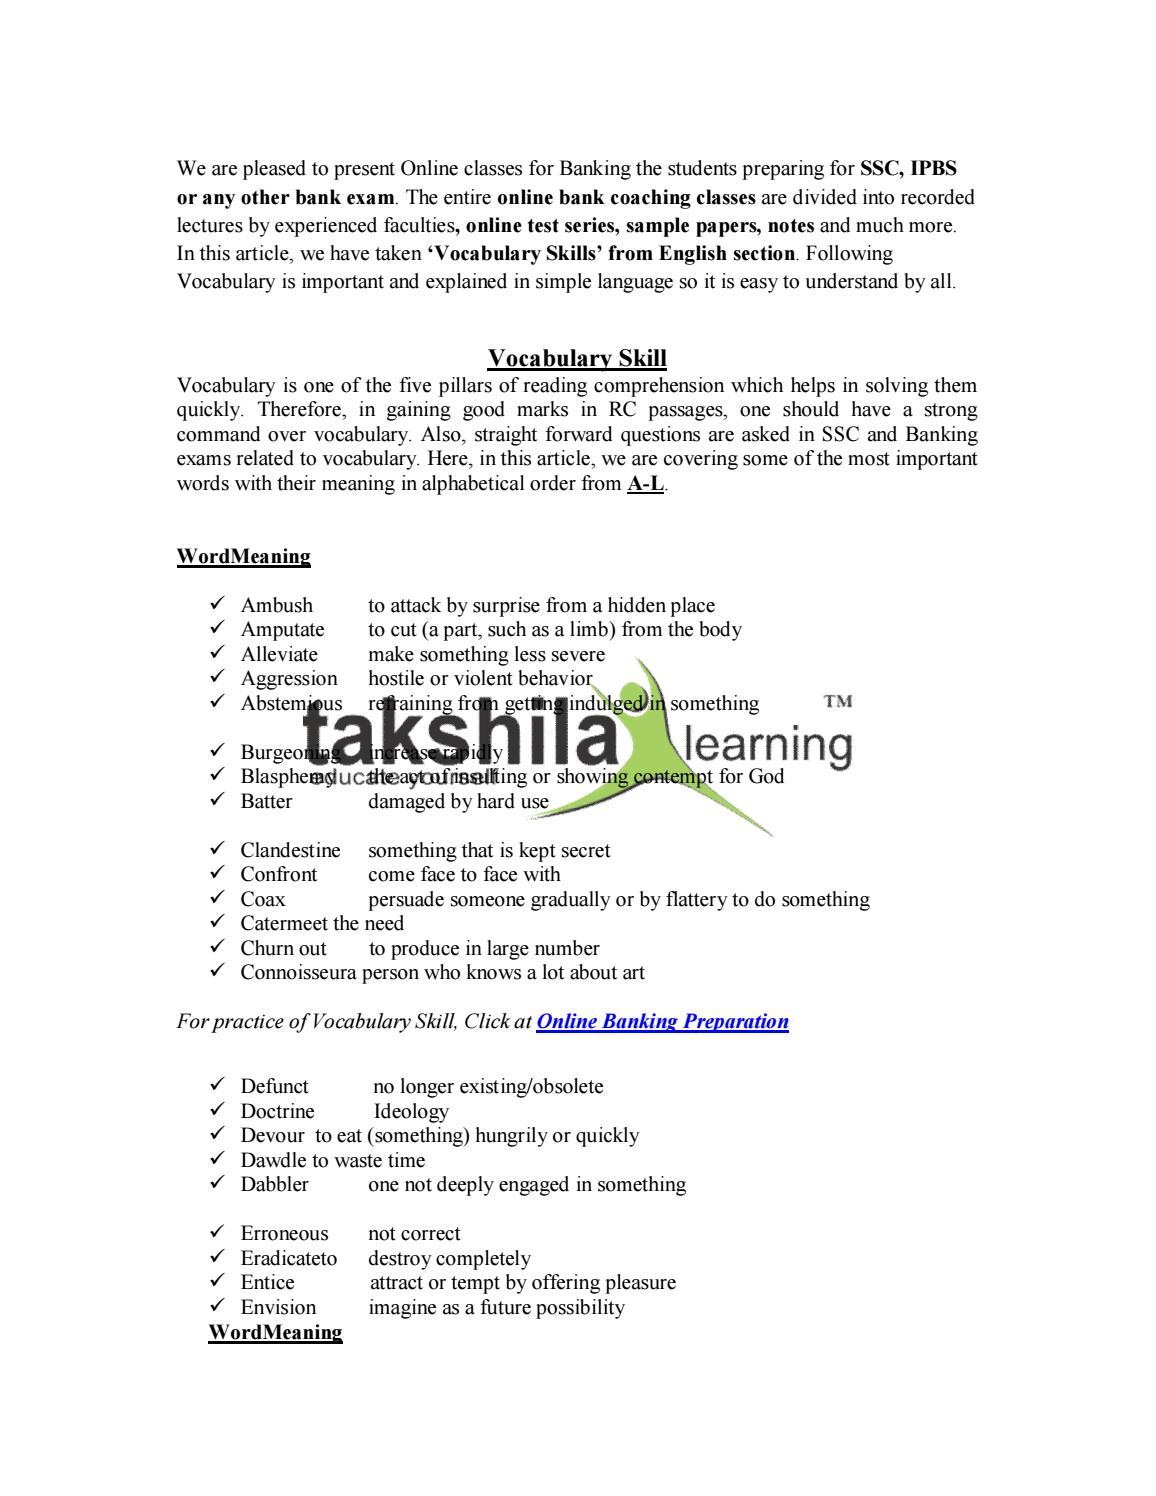 Bank PO/Clerk Exam Vocabulary Skills Preparation